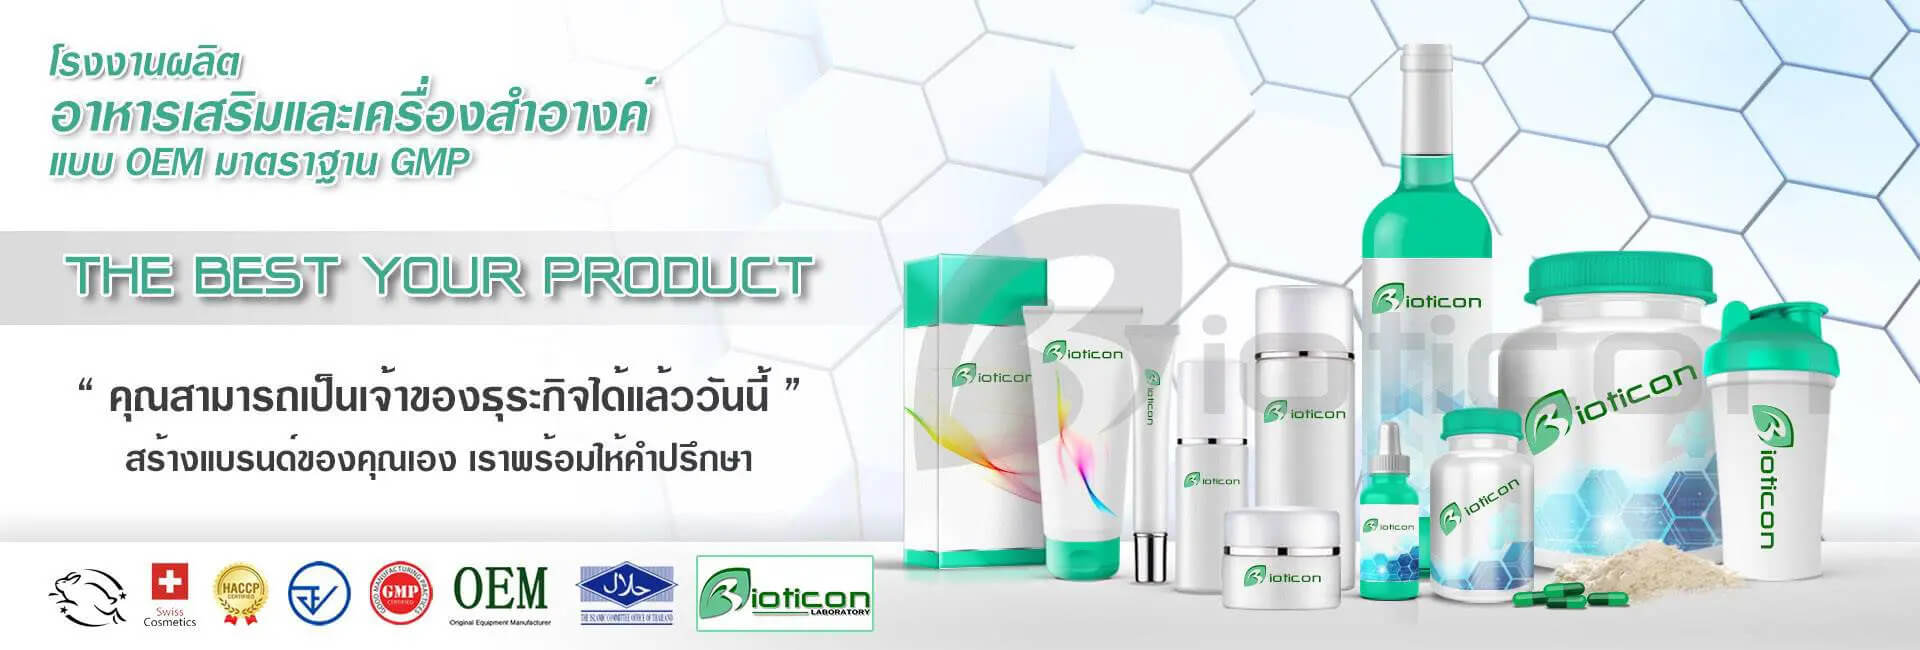 โรงงานรับผลิตคอลลาเจน โดยบริษัท BIOTICON